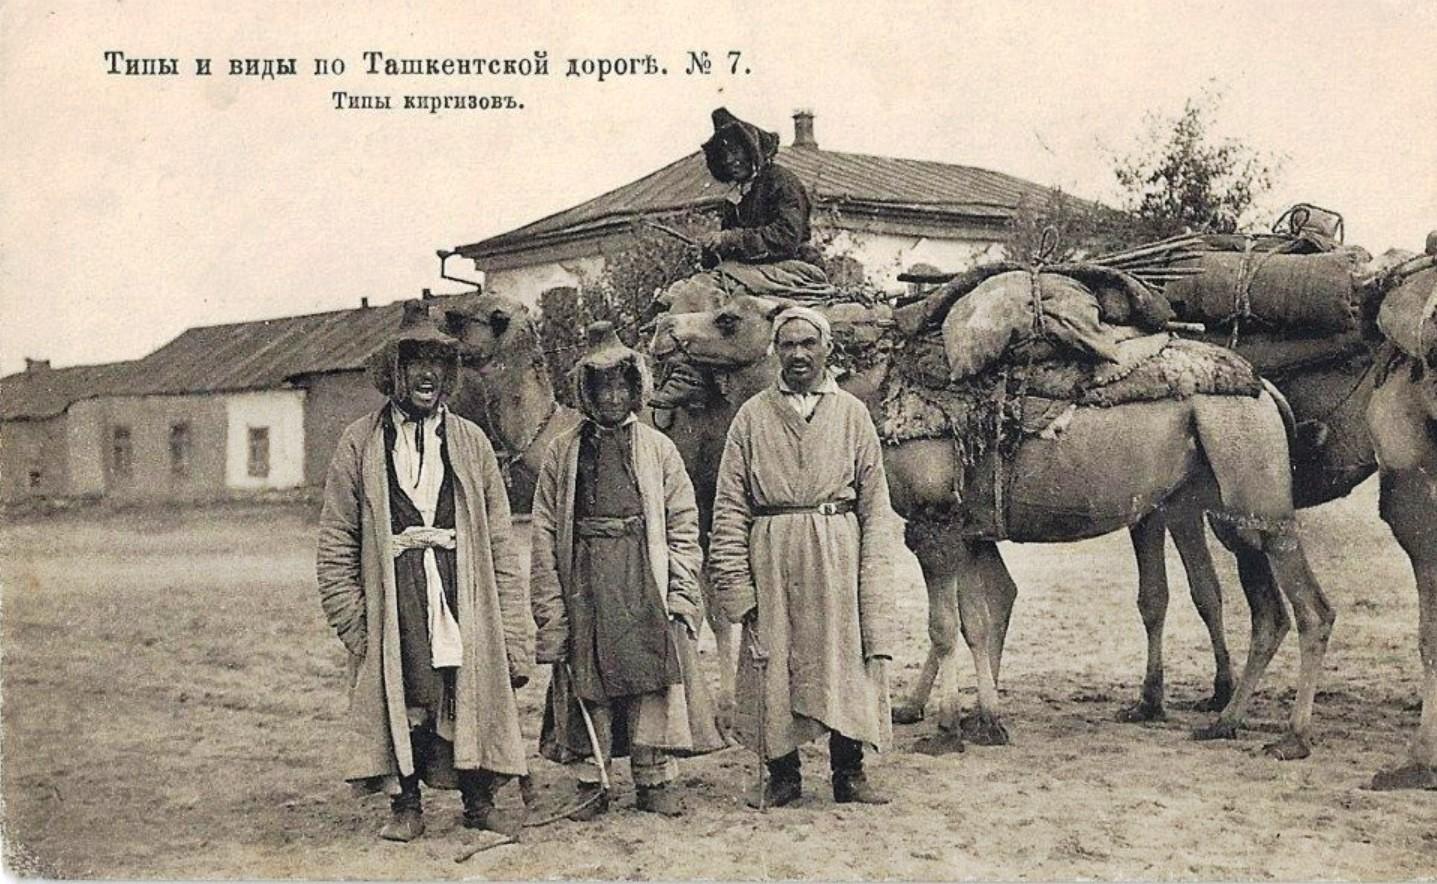 Окрестности Ташкента. Типы киргизов